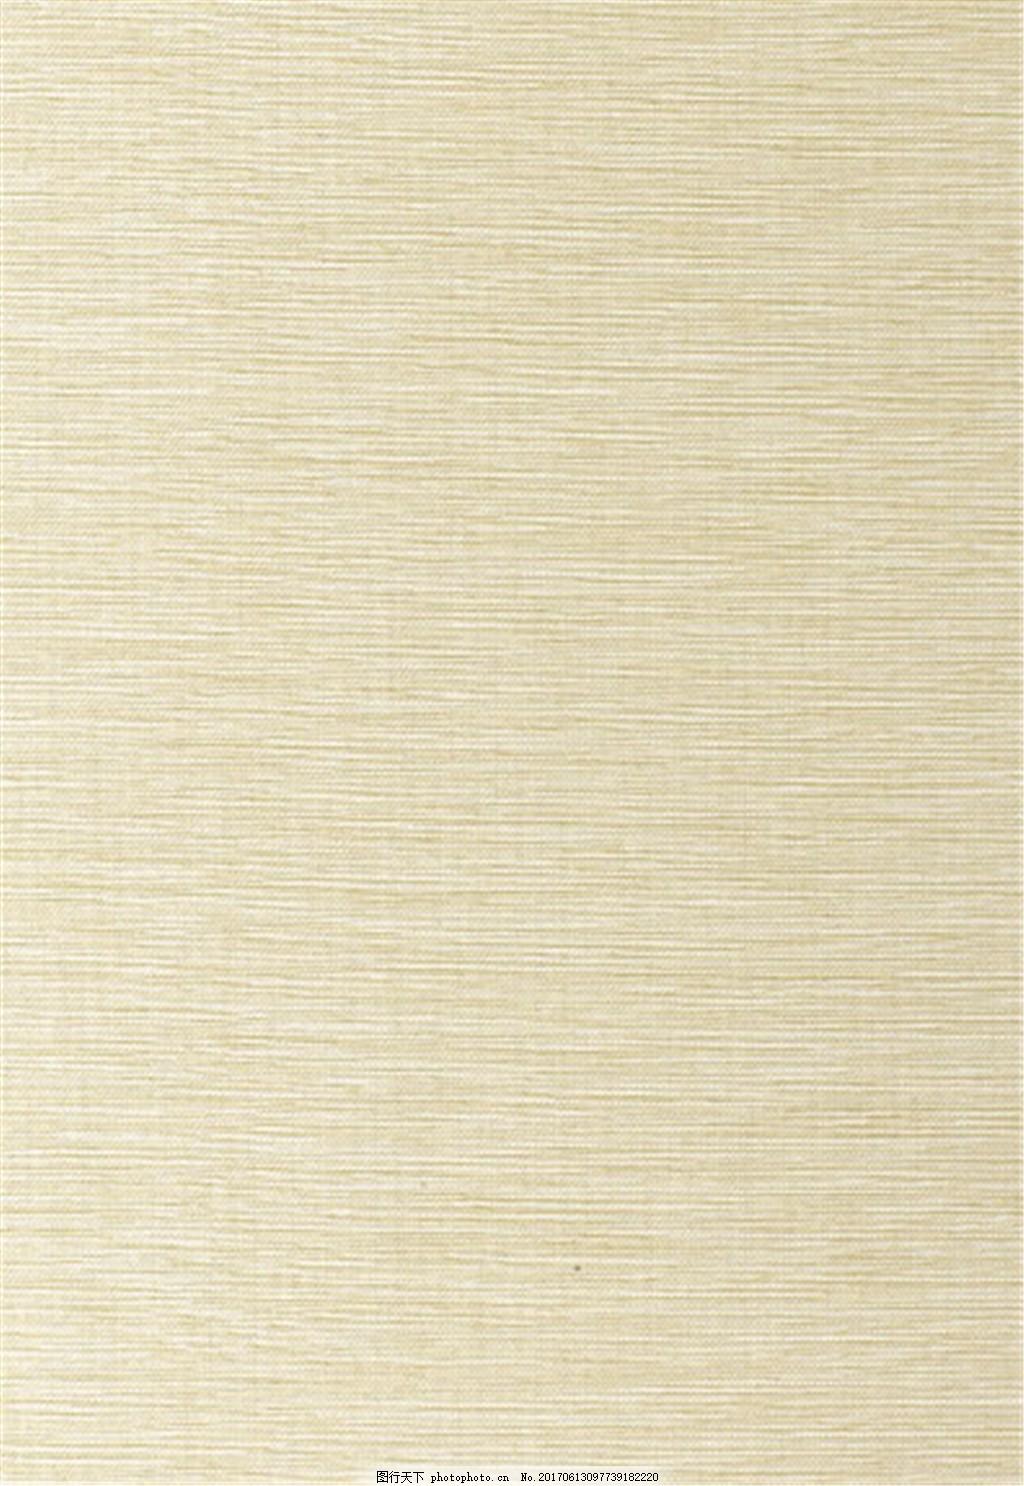 简约米黄色无缝壁纸 欧式花纹背景图 壁纸图片下载 装饰设计 装饰素材